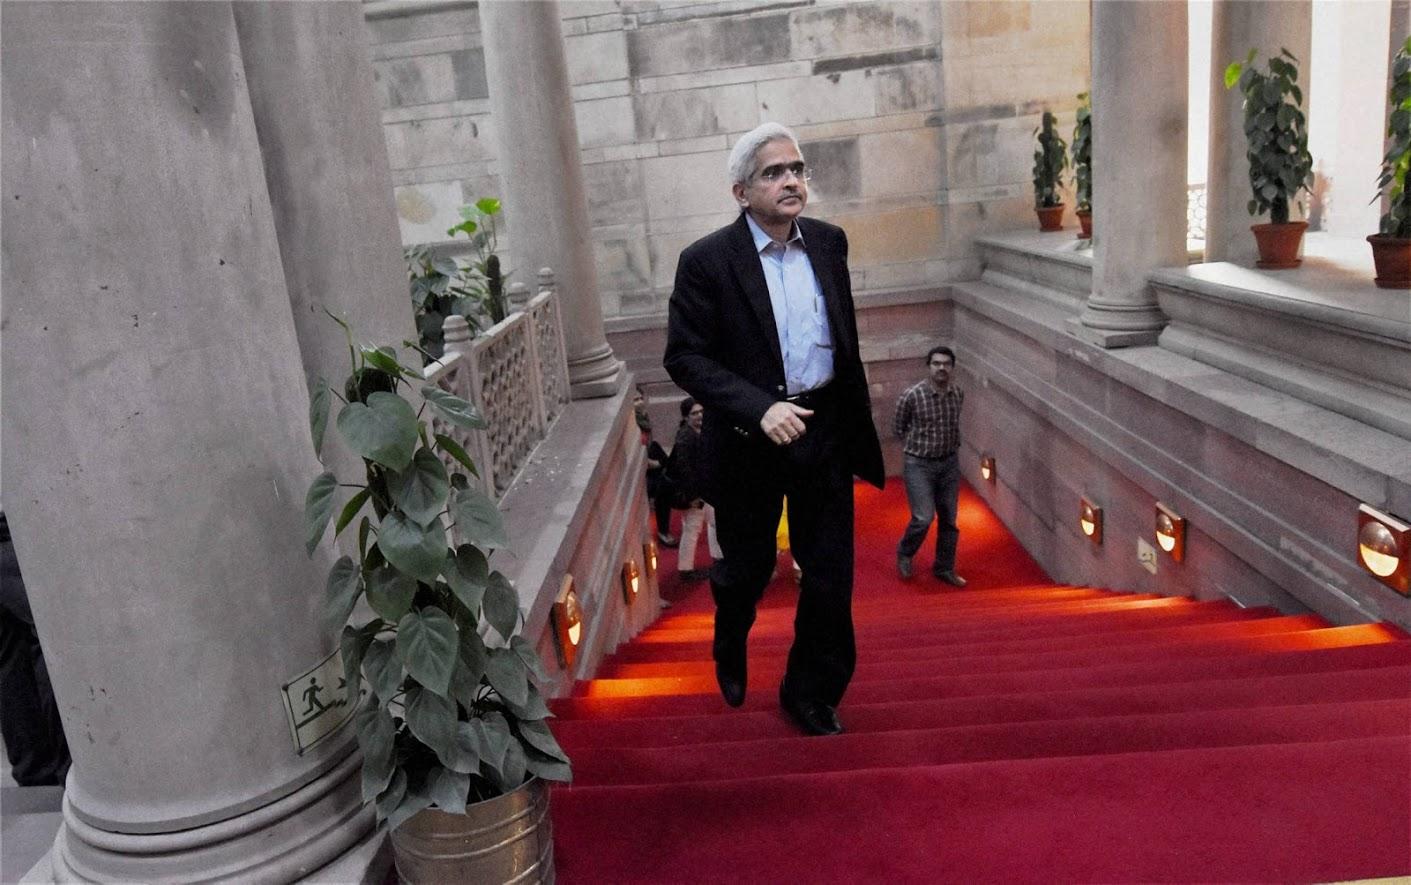 केंद्रीय महसूल, अर्थ आणि इतर काही मंत्रालयात त्यांनी सचिवपदाचा कार्यभार उत्तमपणे सांभाळला होता. जी-20 परिषदेत भारताचे शेर्पा म्हणूनही त्यांनी काम केलं होतं. आर्थिक विषयांचा त्यांचा उत्तम अभ्यास आहे.